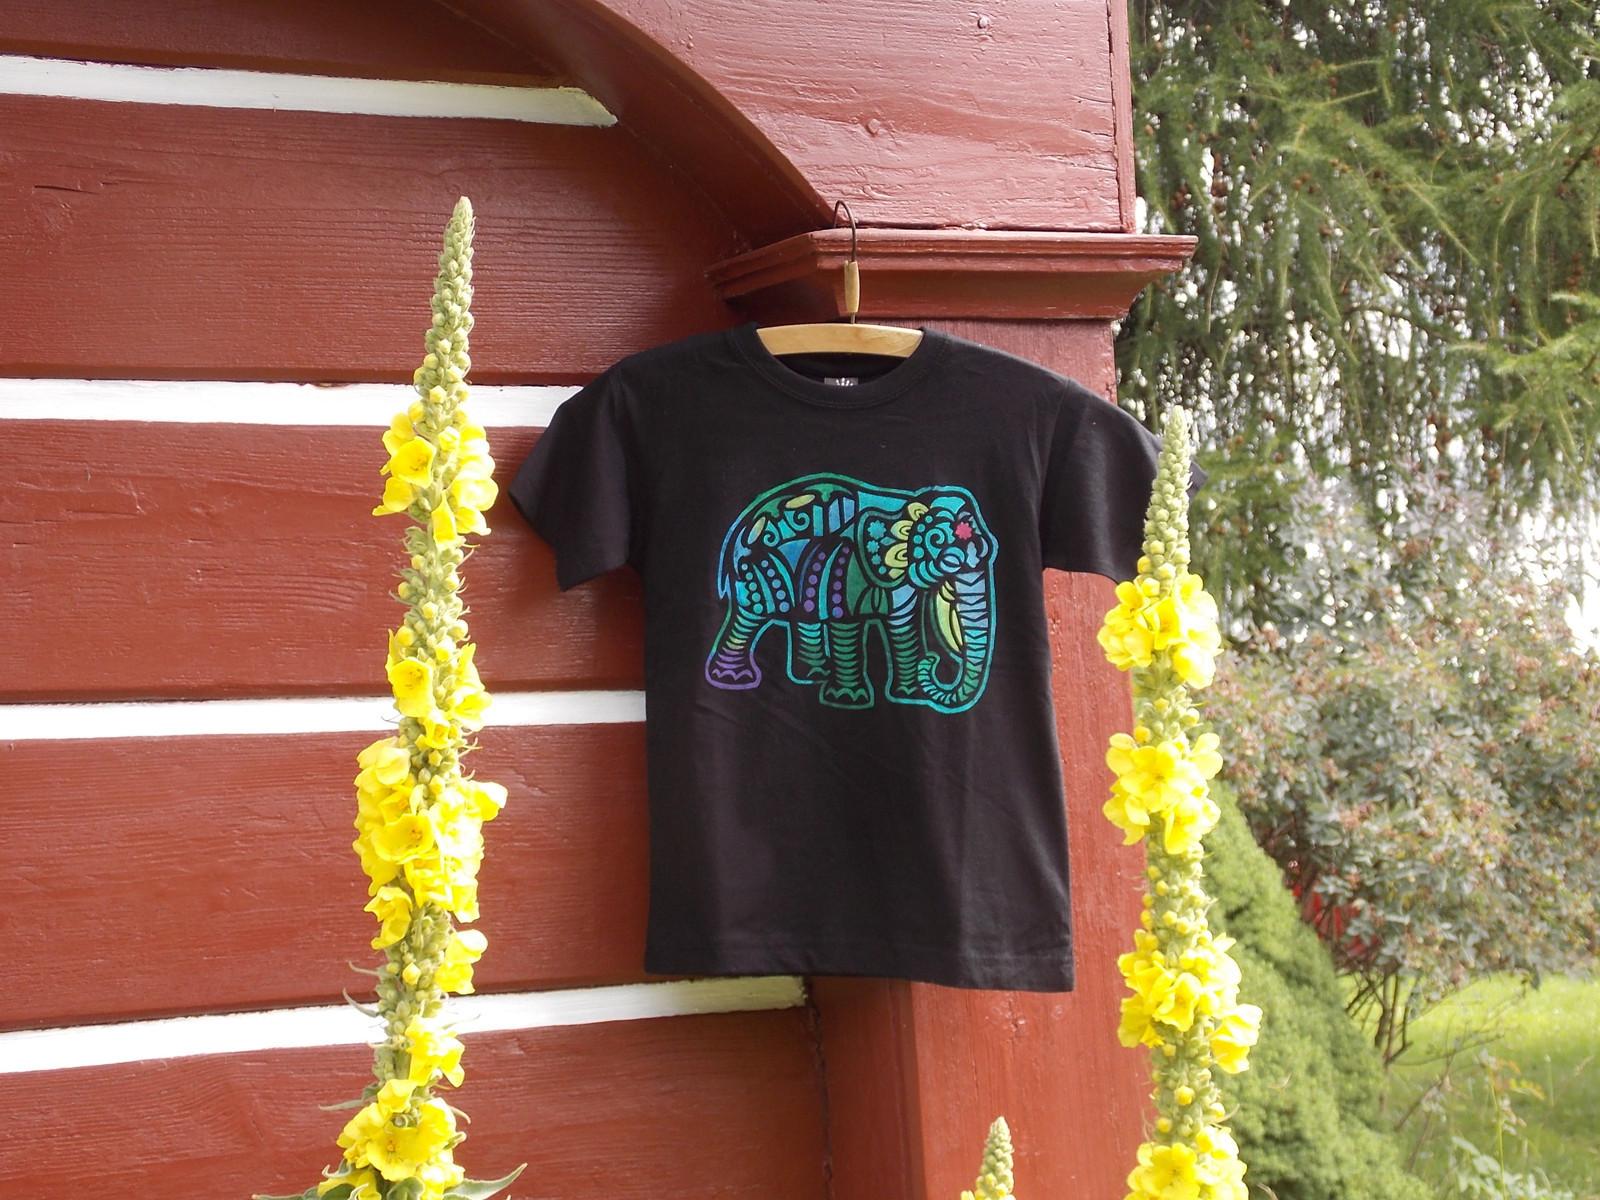 dětské tričko se slonem   Zboží prodejce pletule 25  490d75d0ff